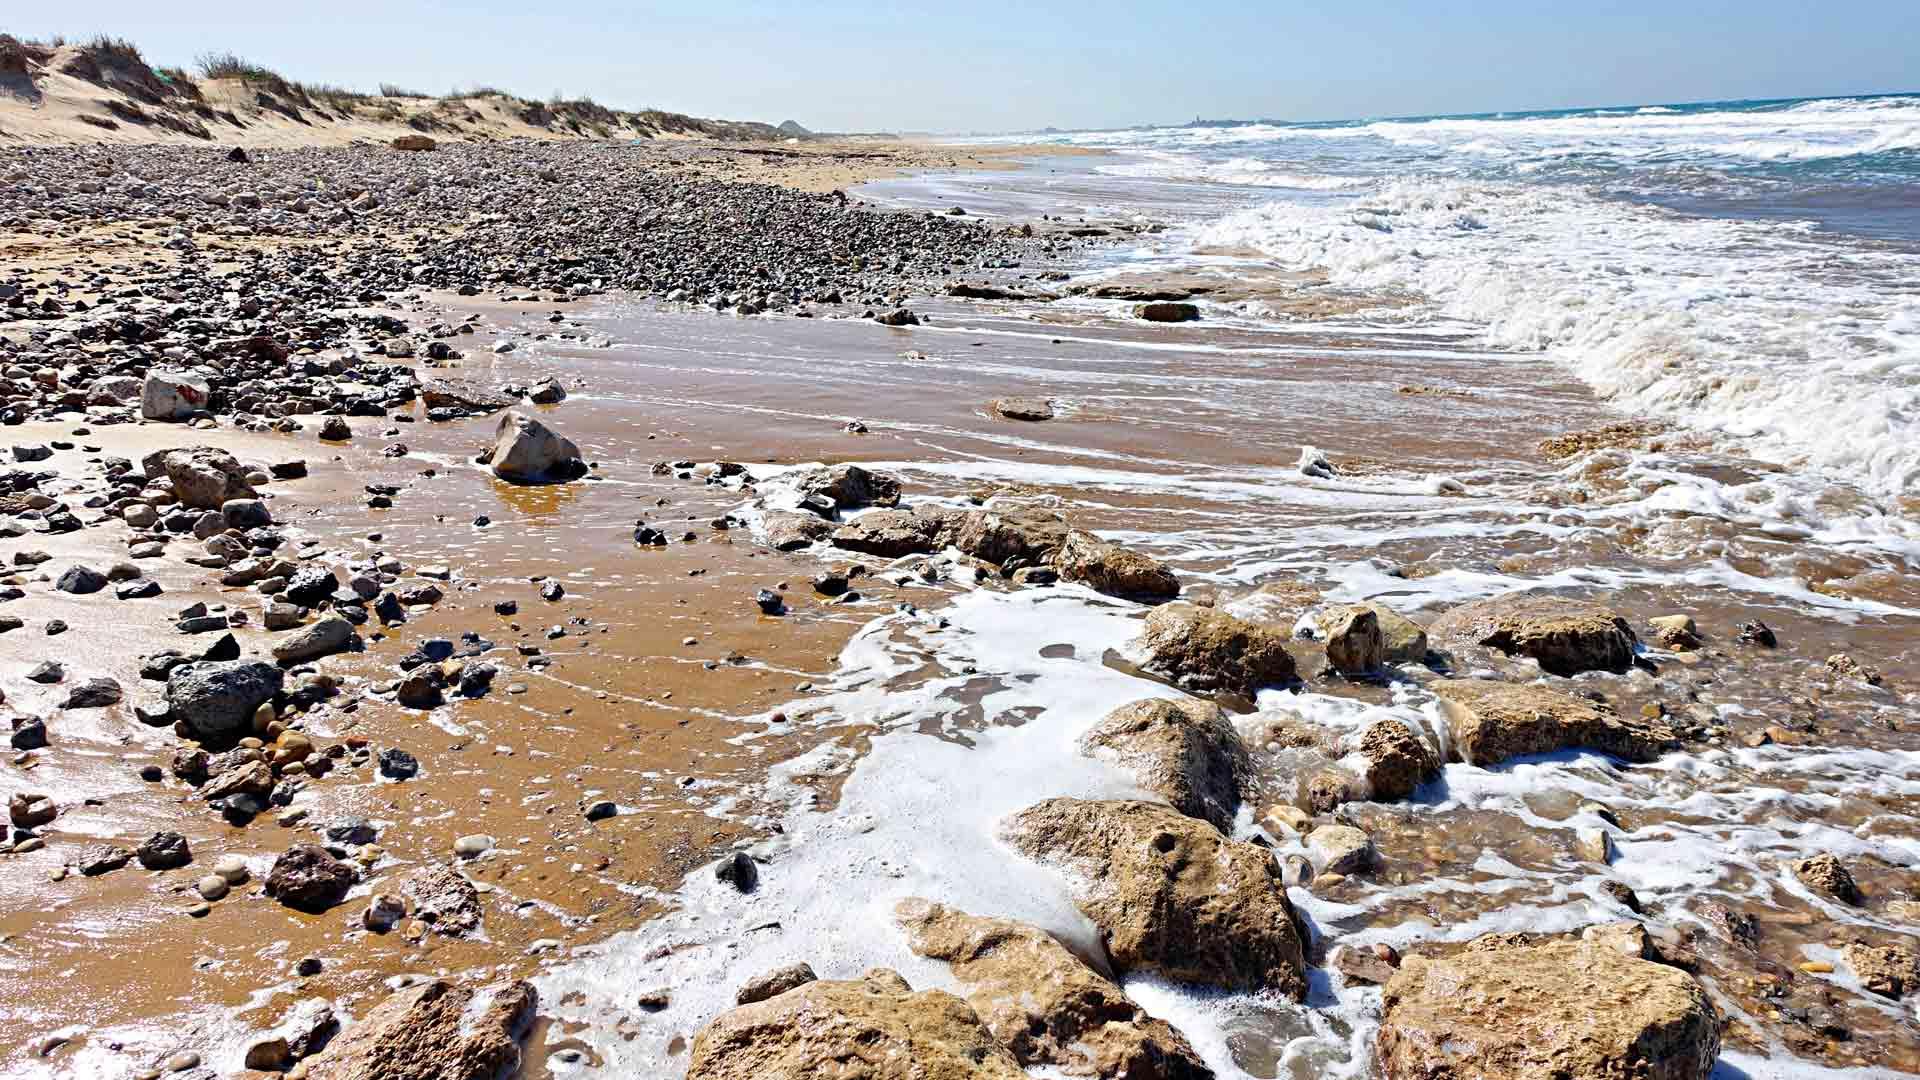 Meren alle Israelin Karmelrannikolla uponneen muurin jäänteet ovat noin sata metriä pitkät.